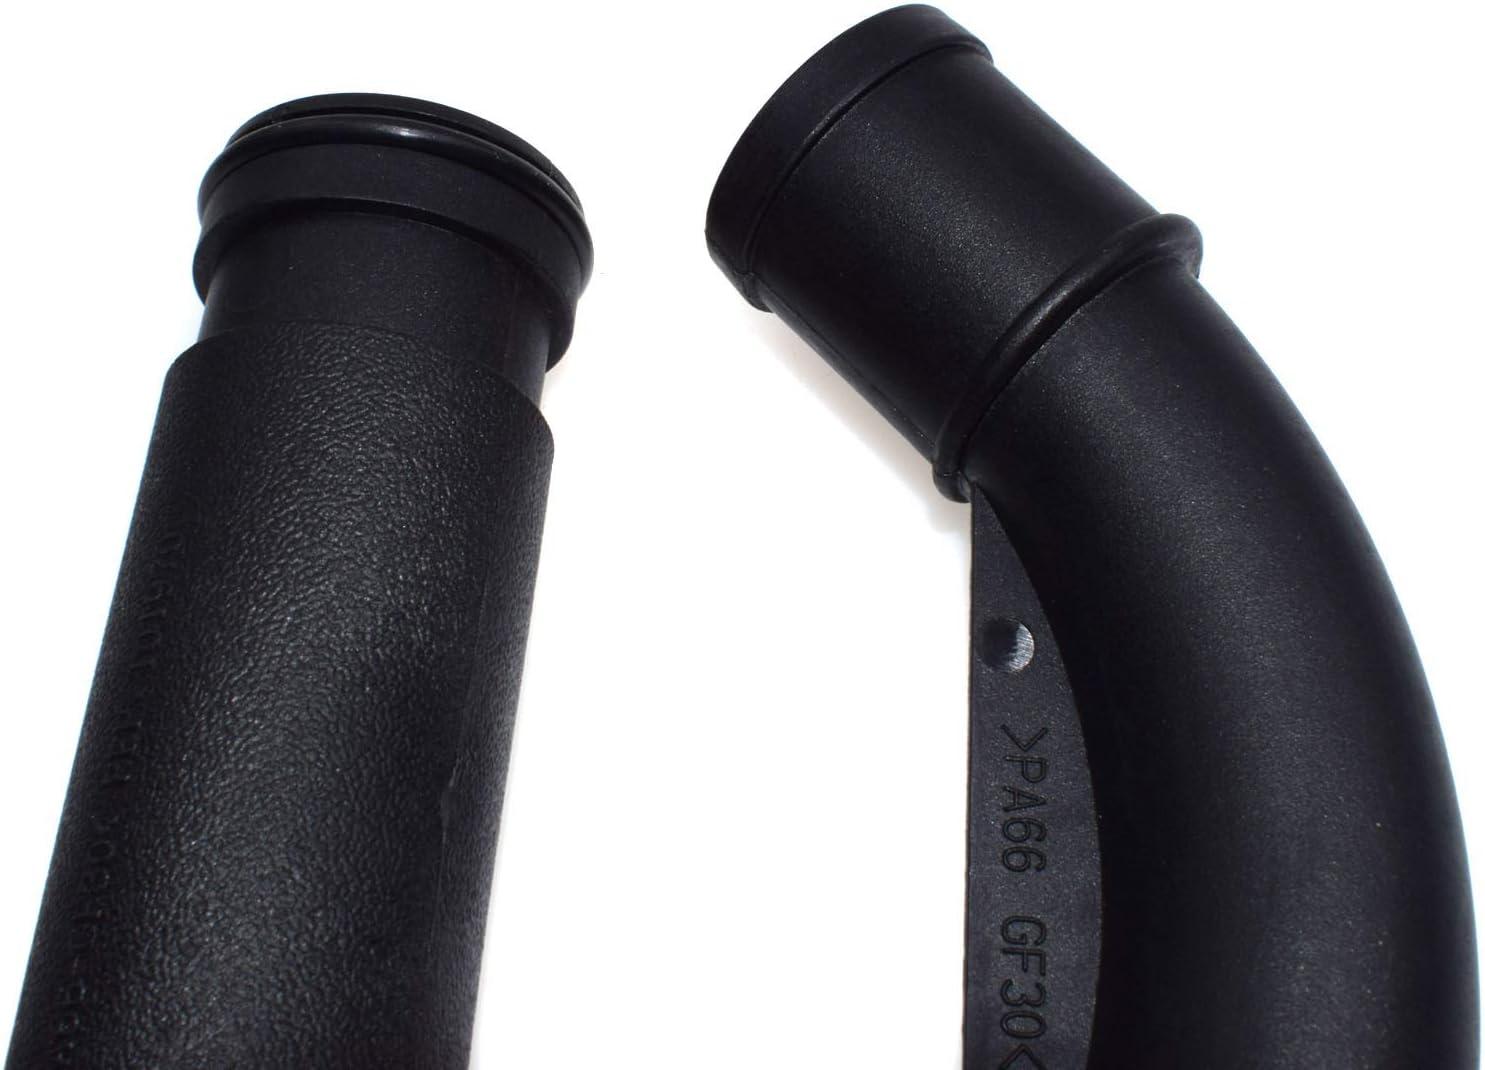 THERMOSTAT PIPE HOSE SET PEP101970 NEW FOR LAND ROVER FREELANDER 2.5L V6 PEP101970L PEP103580